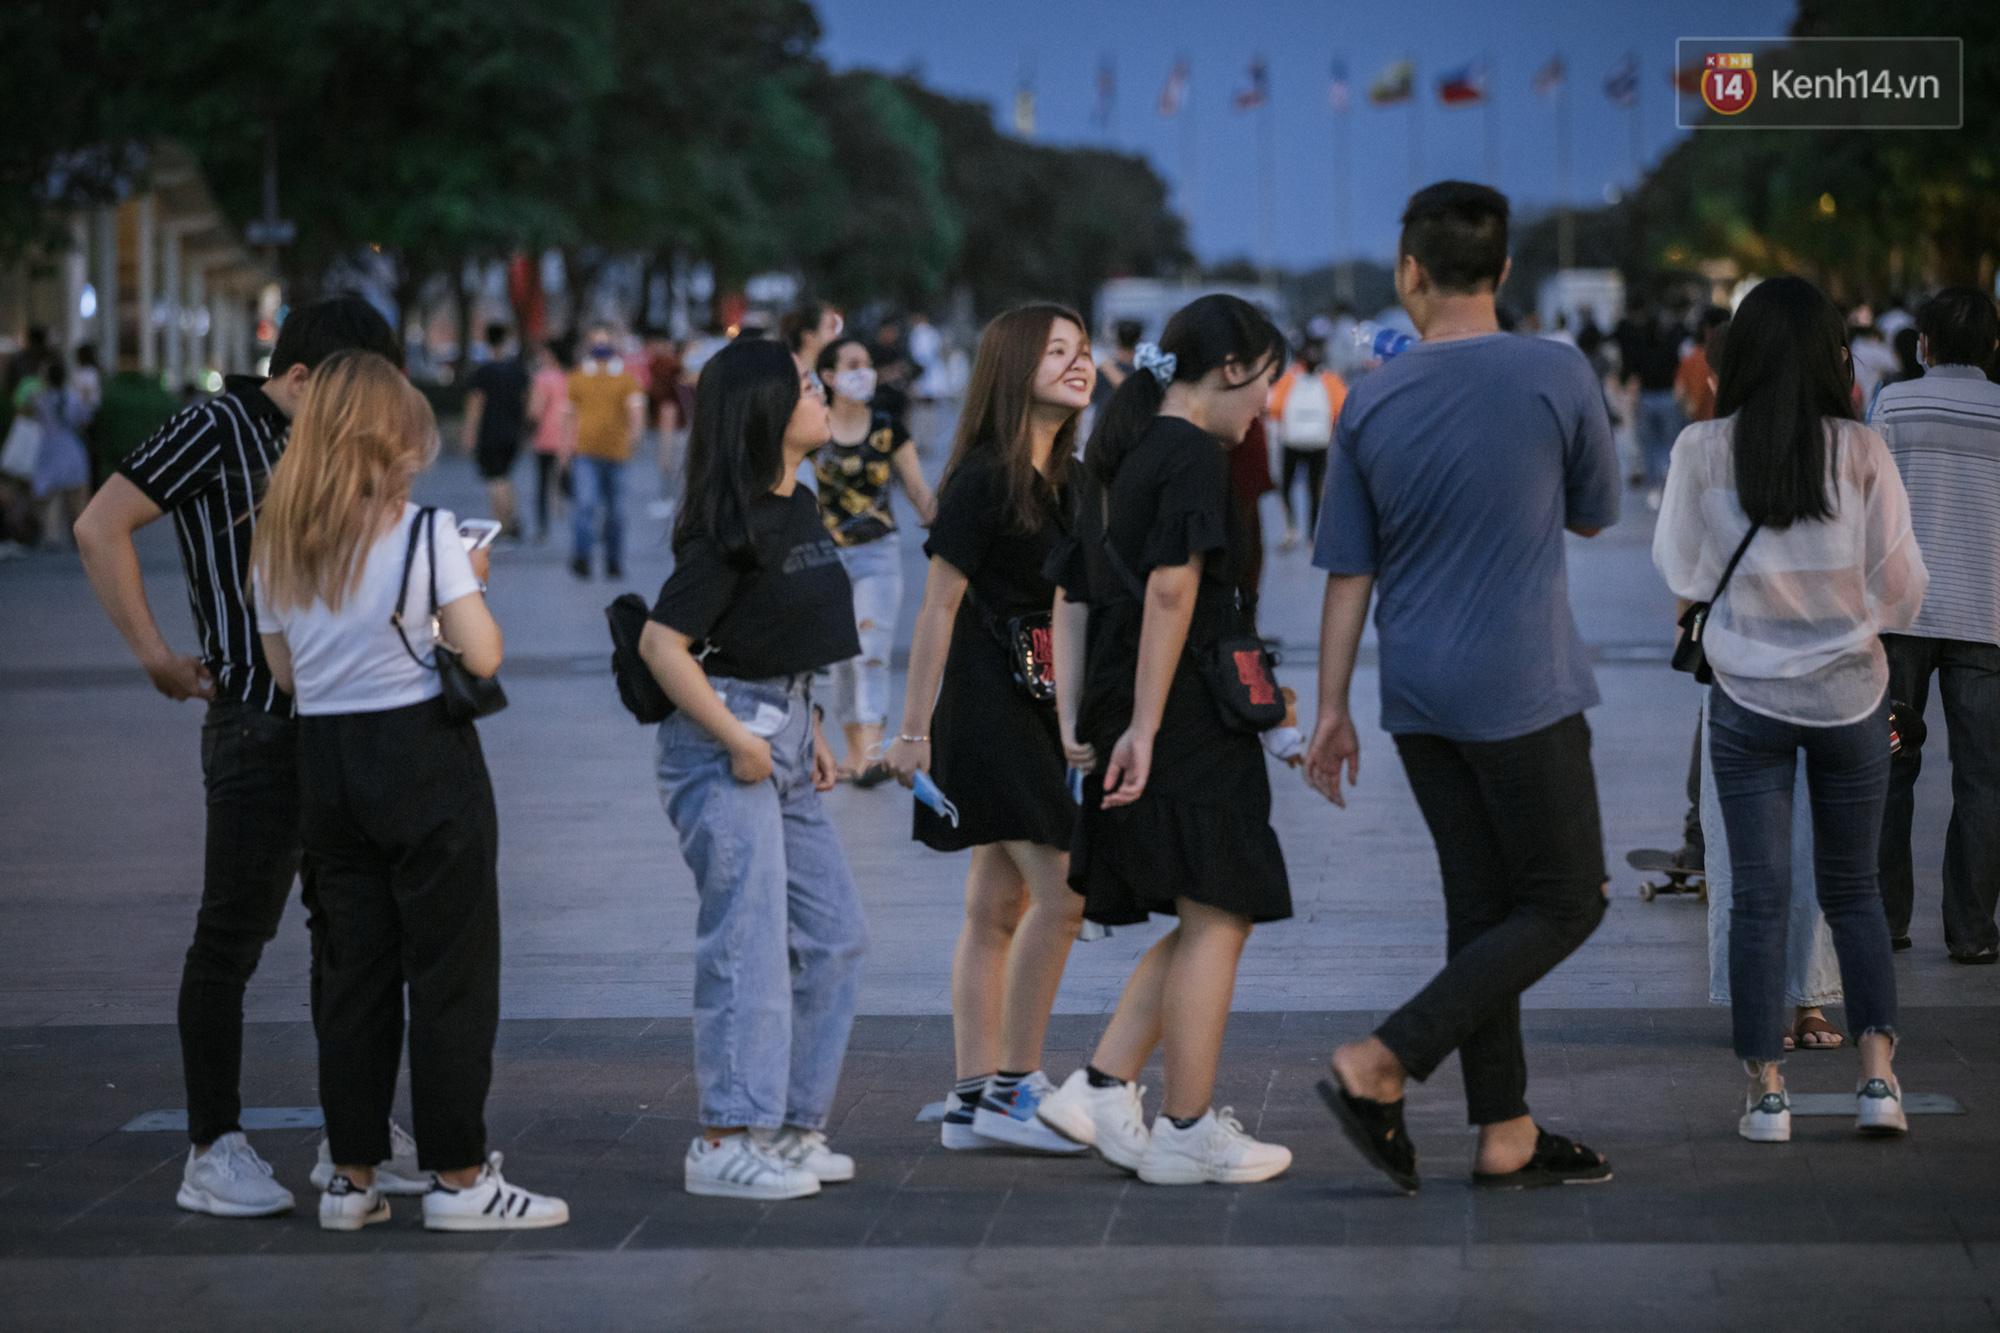 """Sài Gòn nhộn nhịp trong buổi tối nghỉ lễ đầu tiên: Khu vực trung tâm dần trở nên đông đúc, nhiều người lo sợ vẫn kè kè"""" chiếc khẩu trang bên mình-2"""